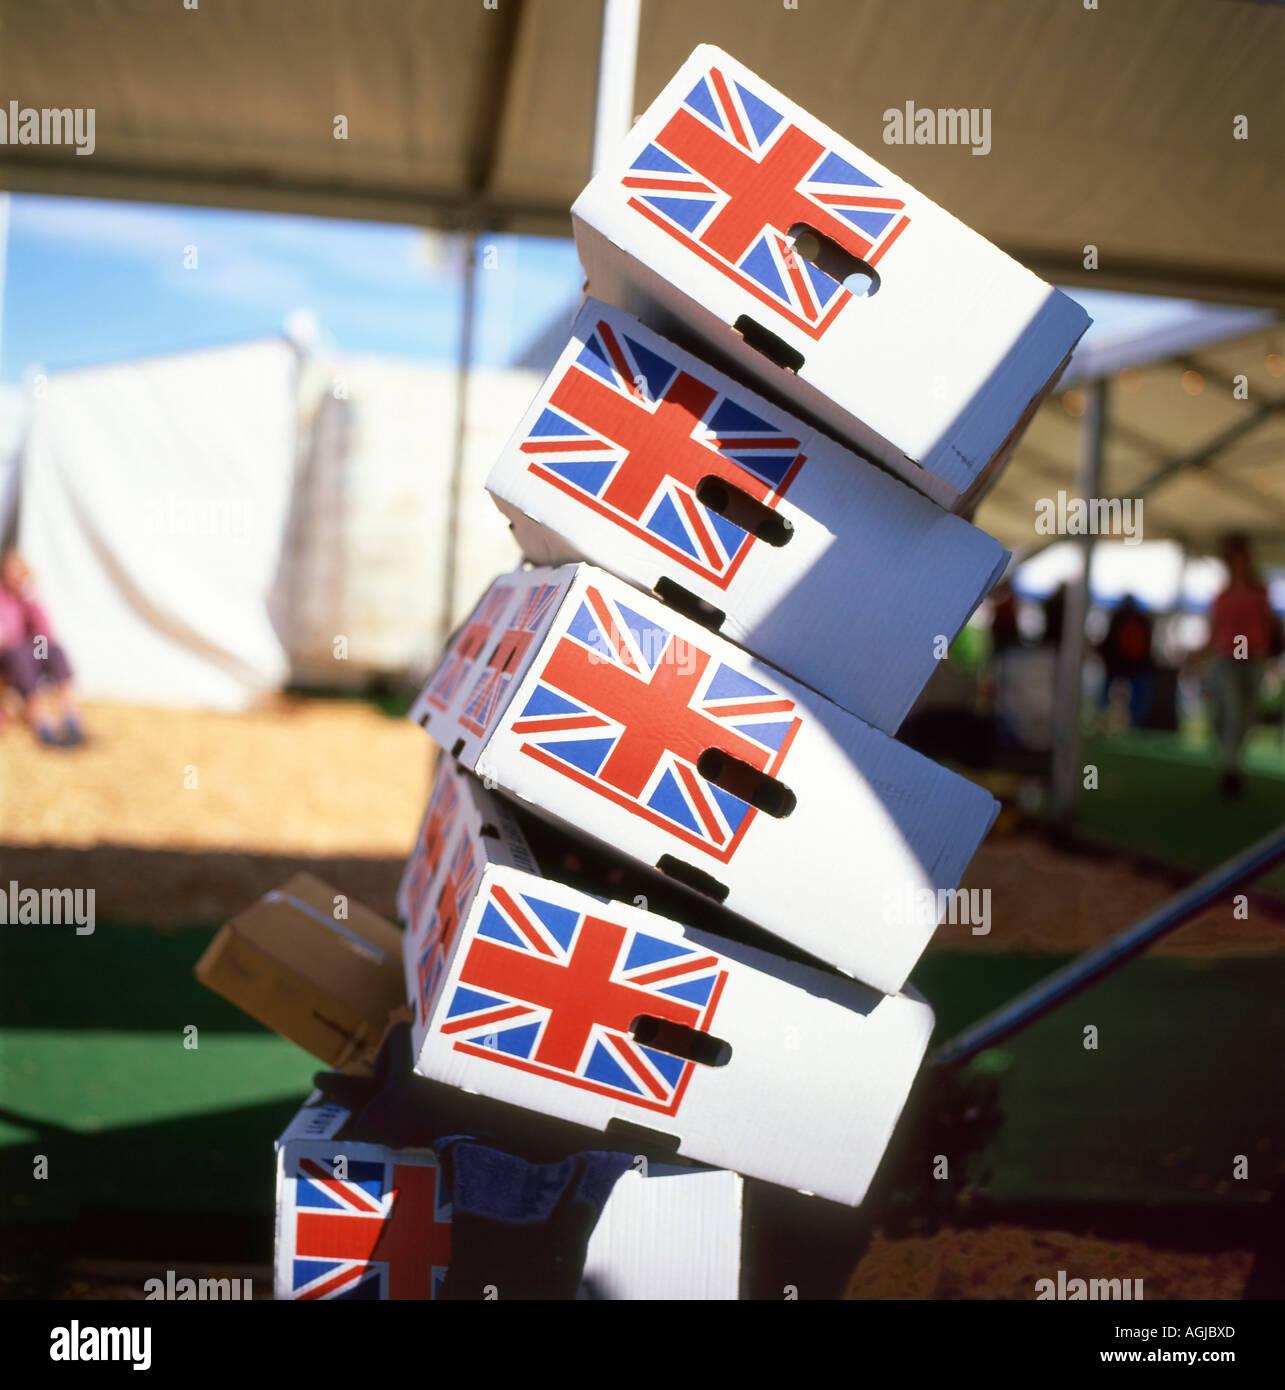 Etiqueta de bandera Union Jack de inestables precariamente apiladas cajas de embalaje de alimentos frescos del supermercado Foto de stock